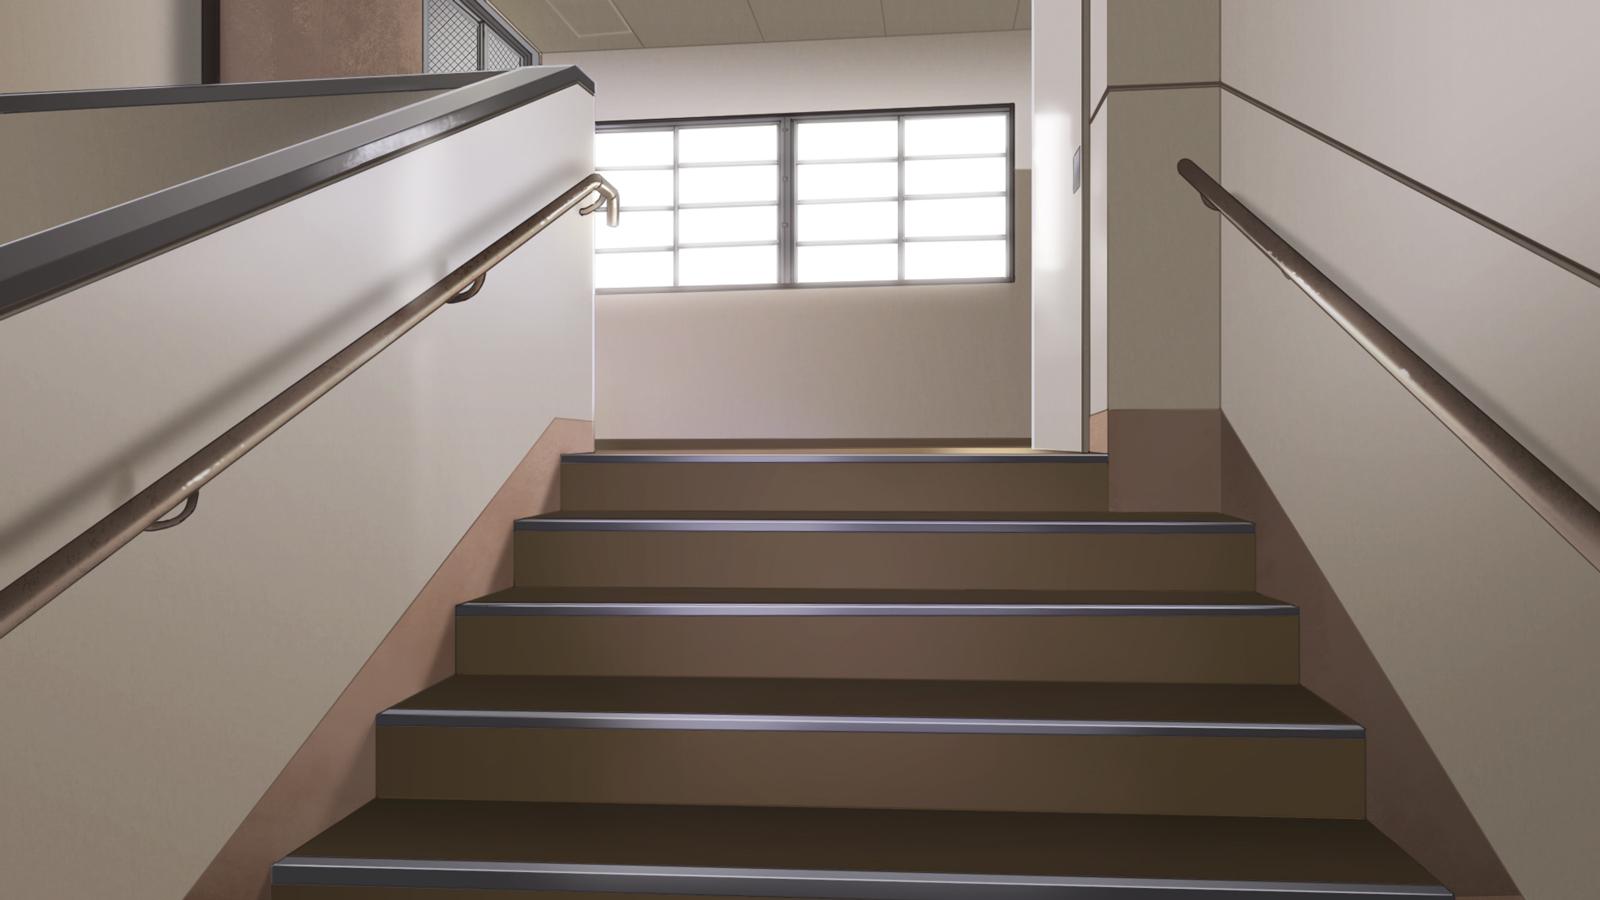 階段 動悸,階段 息切れ,階段 動悸 息切れ,階段 動悸 原因